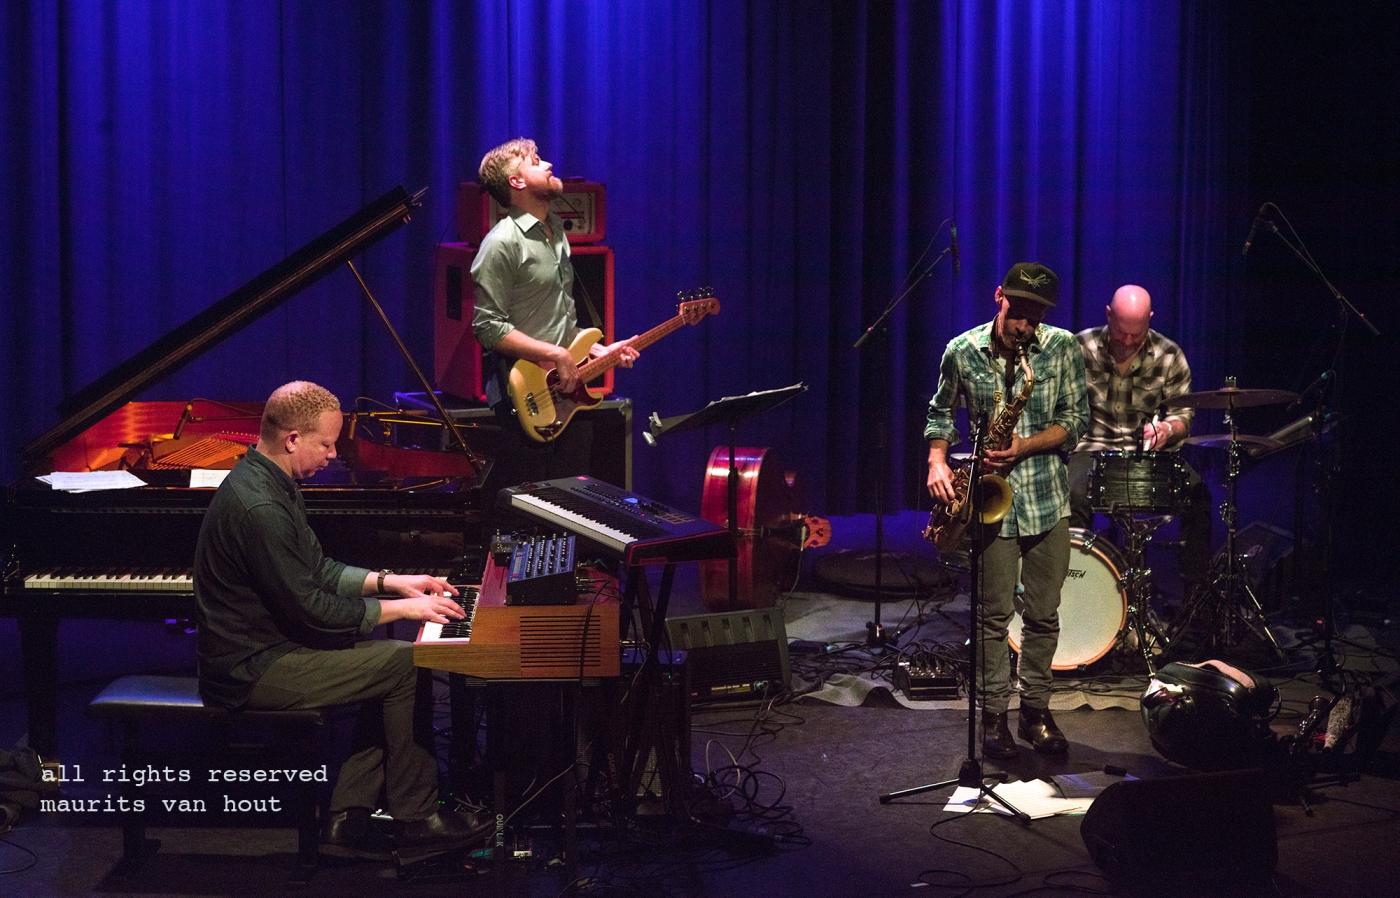 Chris Taborn Quartet The Hague